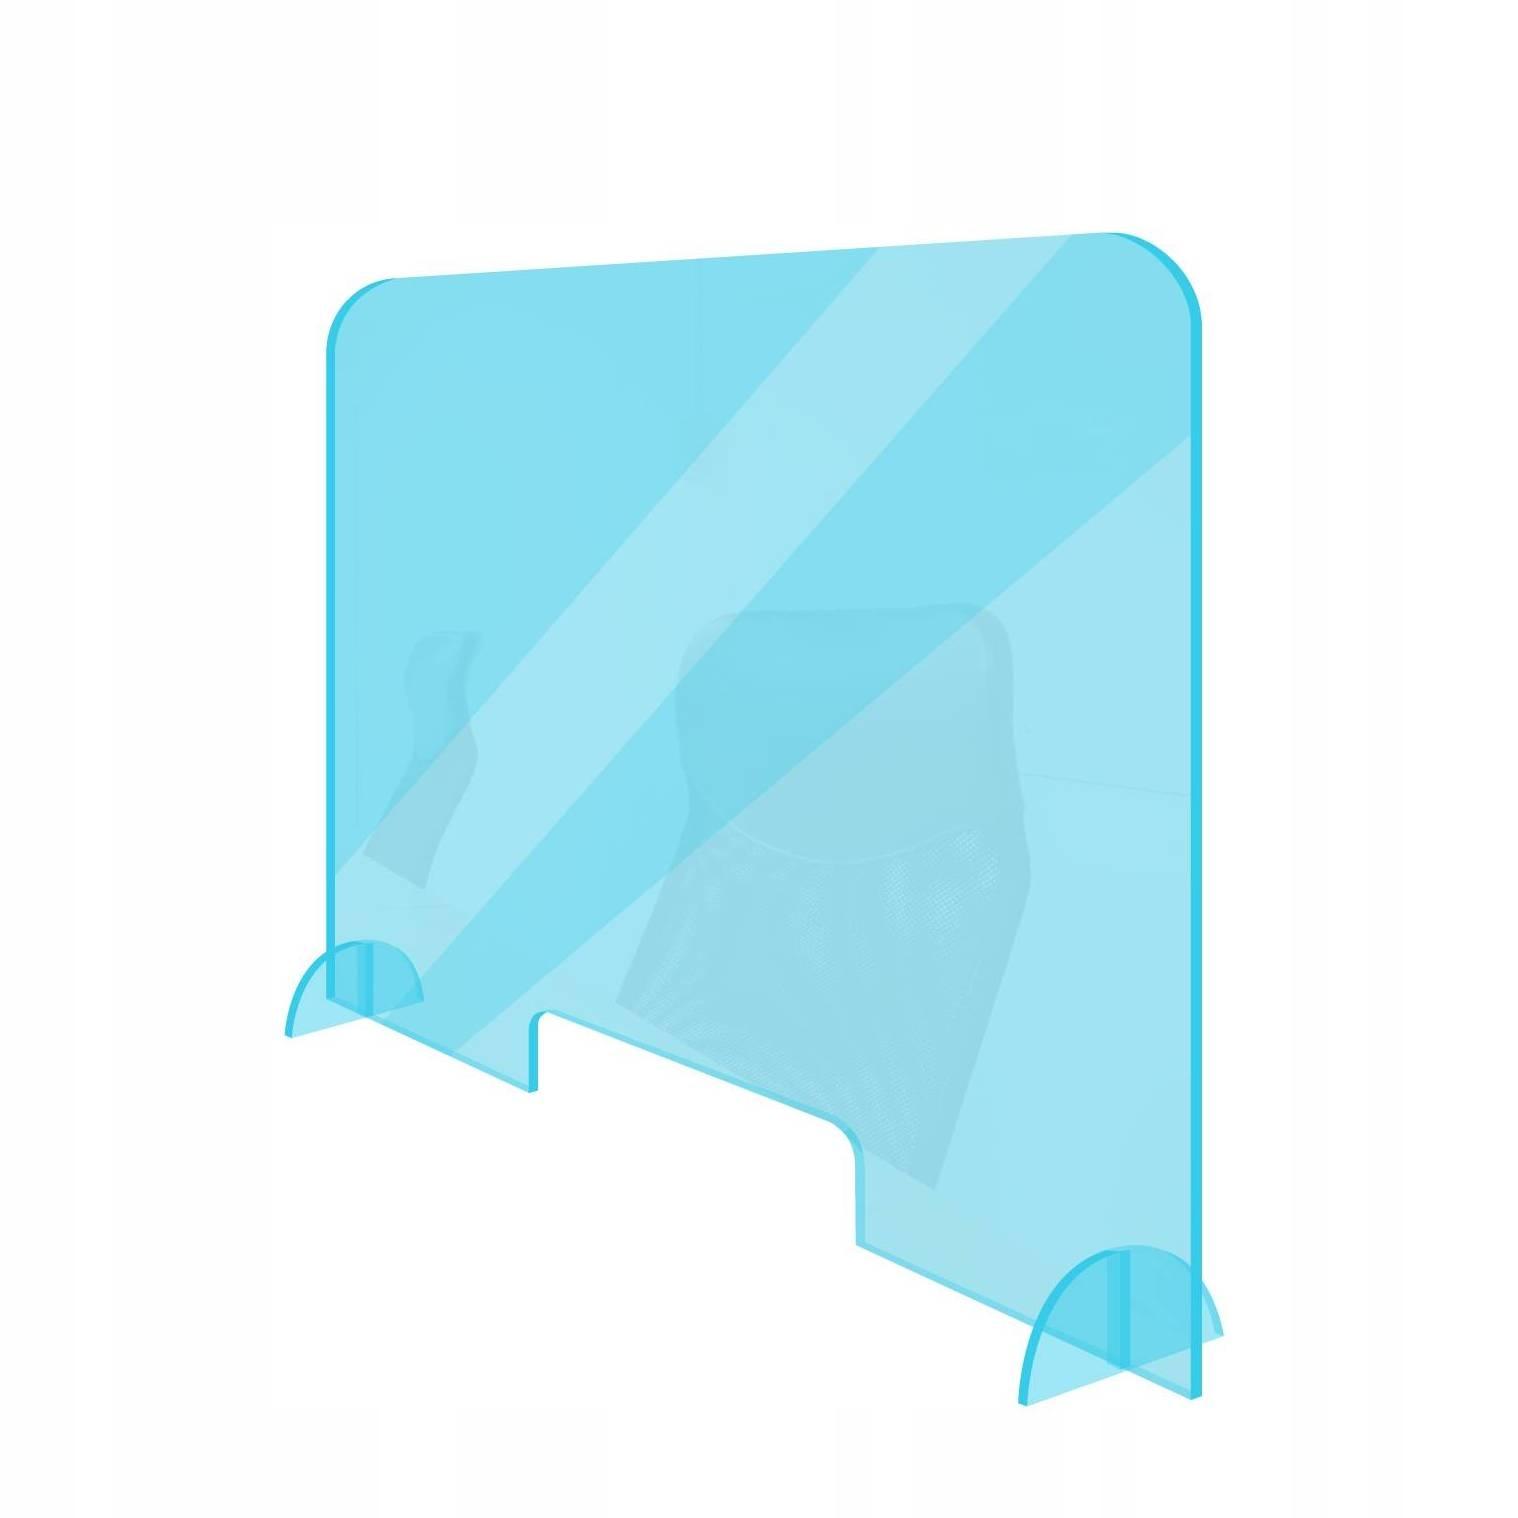 Крышка, защитная перегородка, письменный стол PLEXI PMMA 100x60